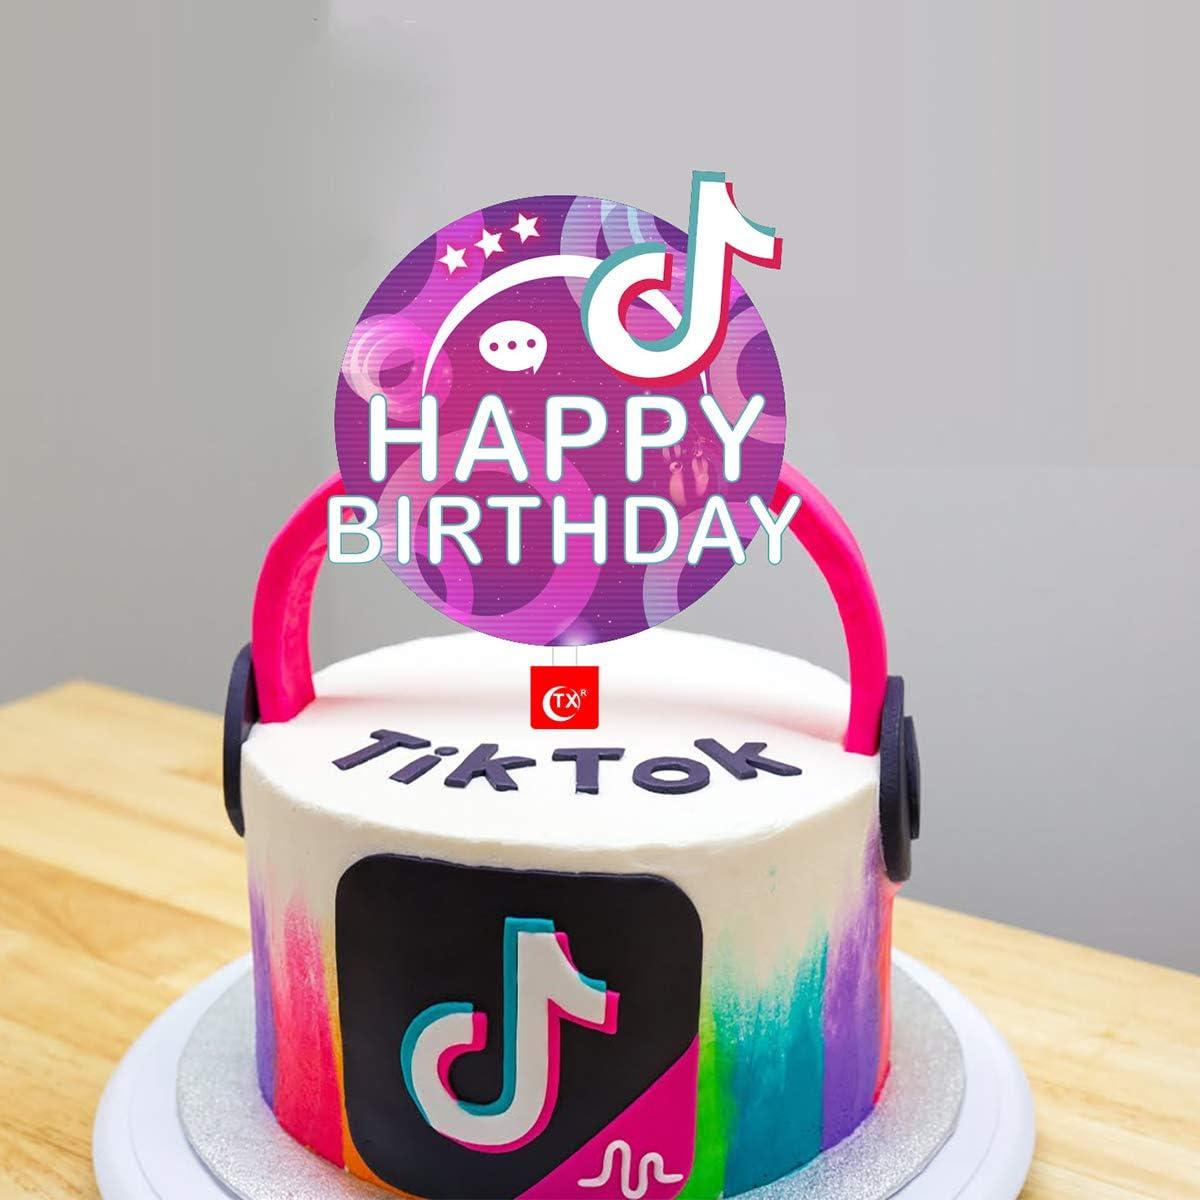 Tik Tok Happy Birthday Cake Topper Happy Birthday Tik Tok Topper Decorations For Birthday Party Music Theme Party Amazon Co Uk Toys Games